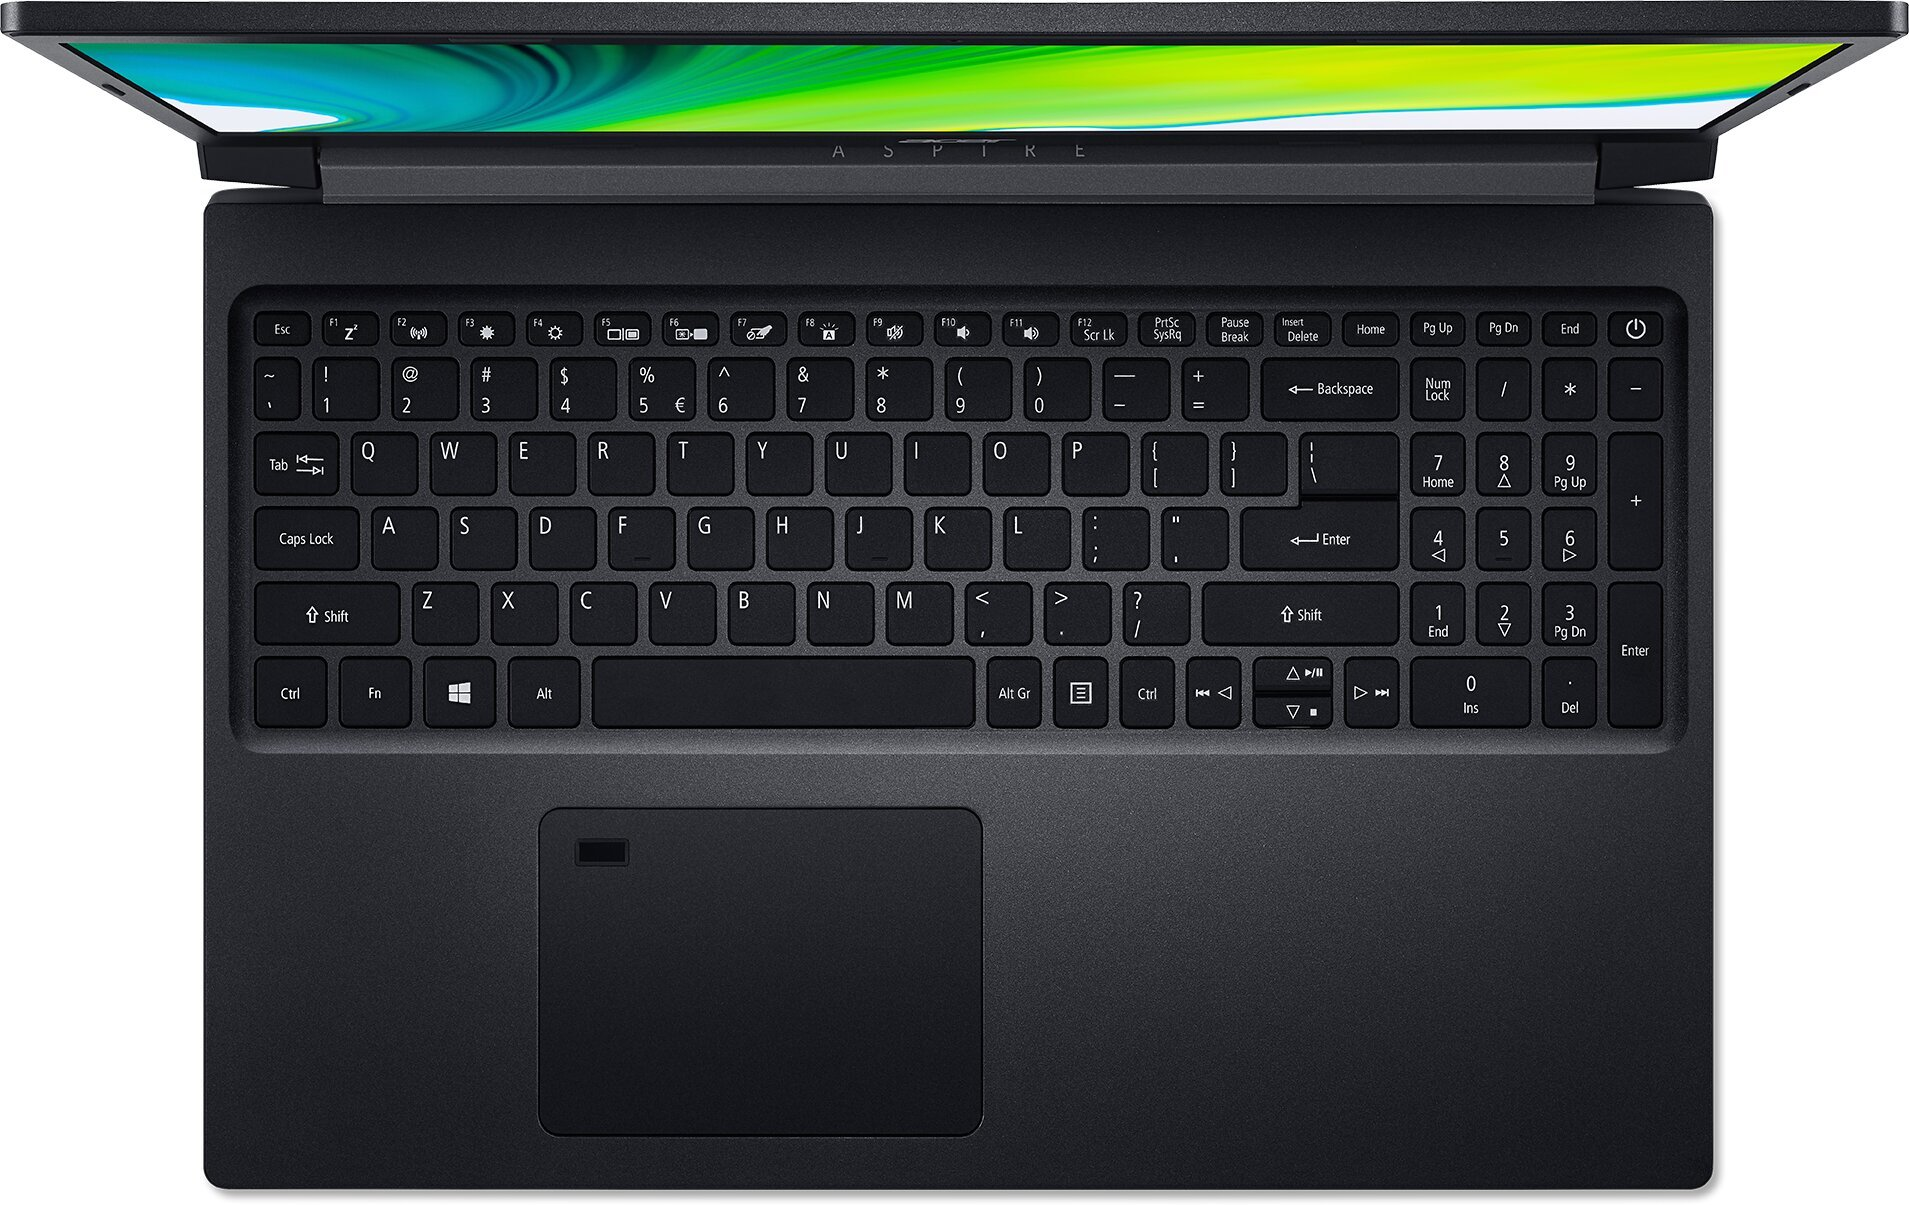 Acer Aspire 7 A715-75G-778A